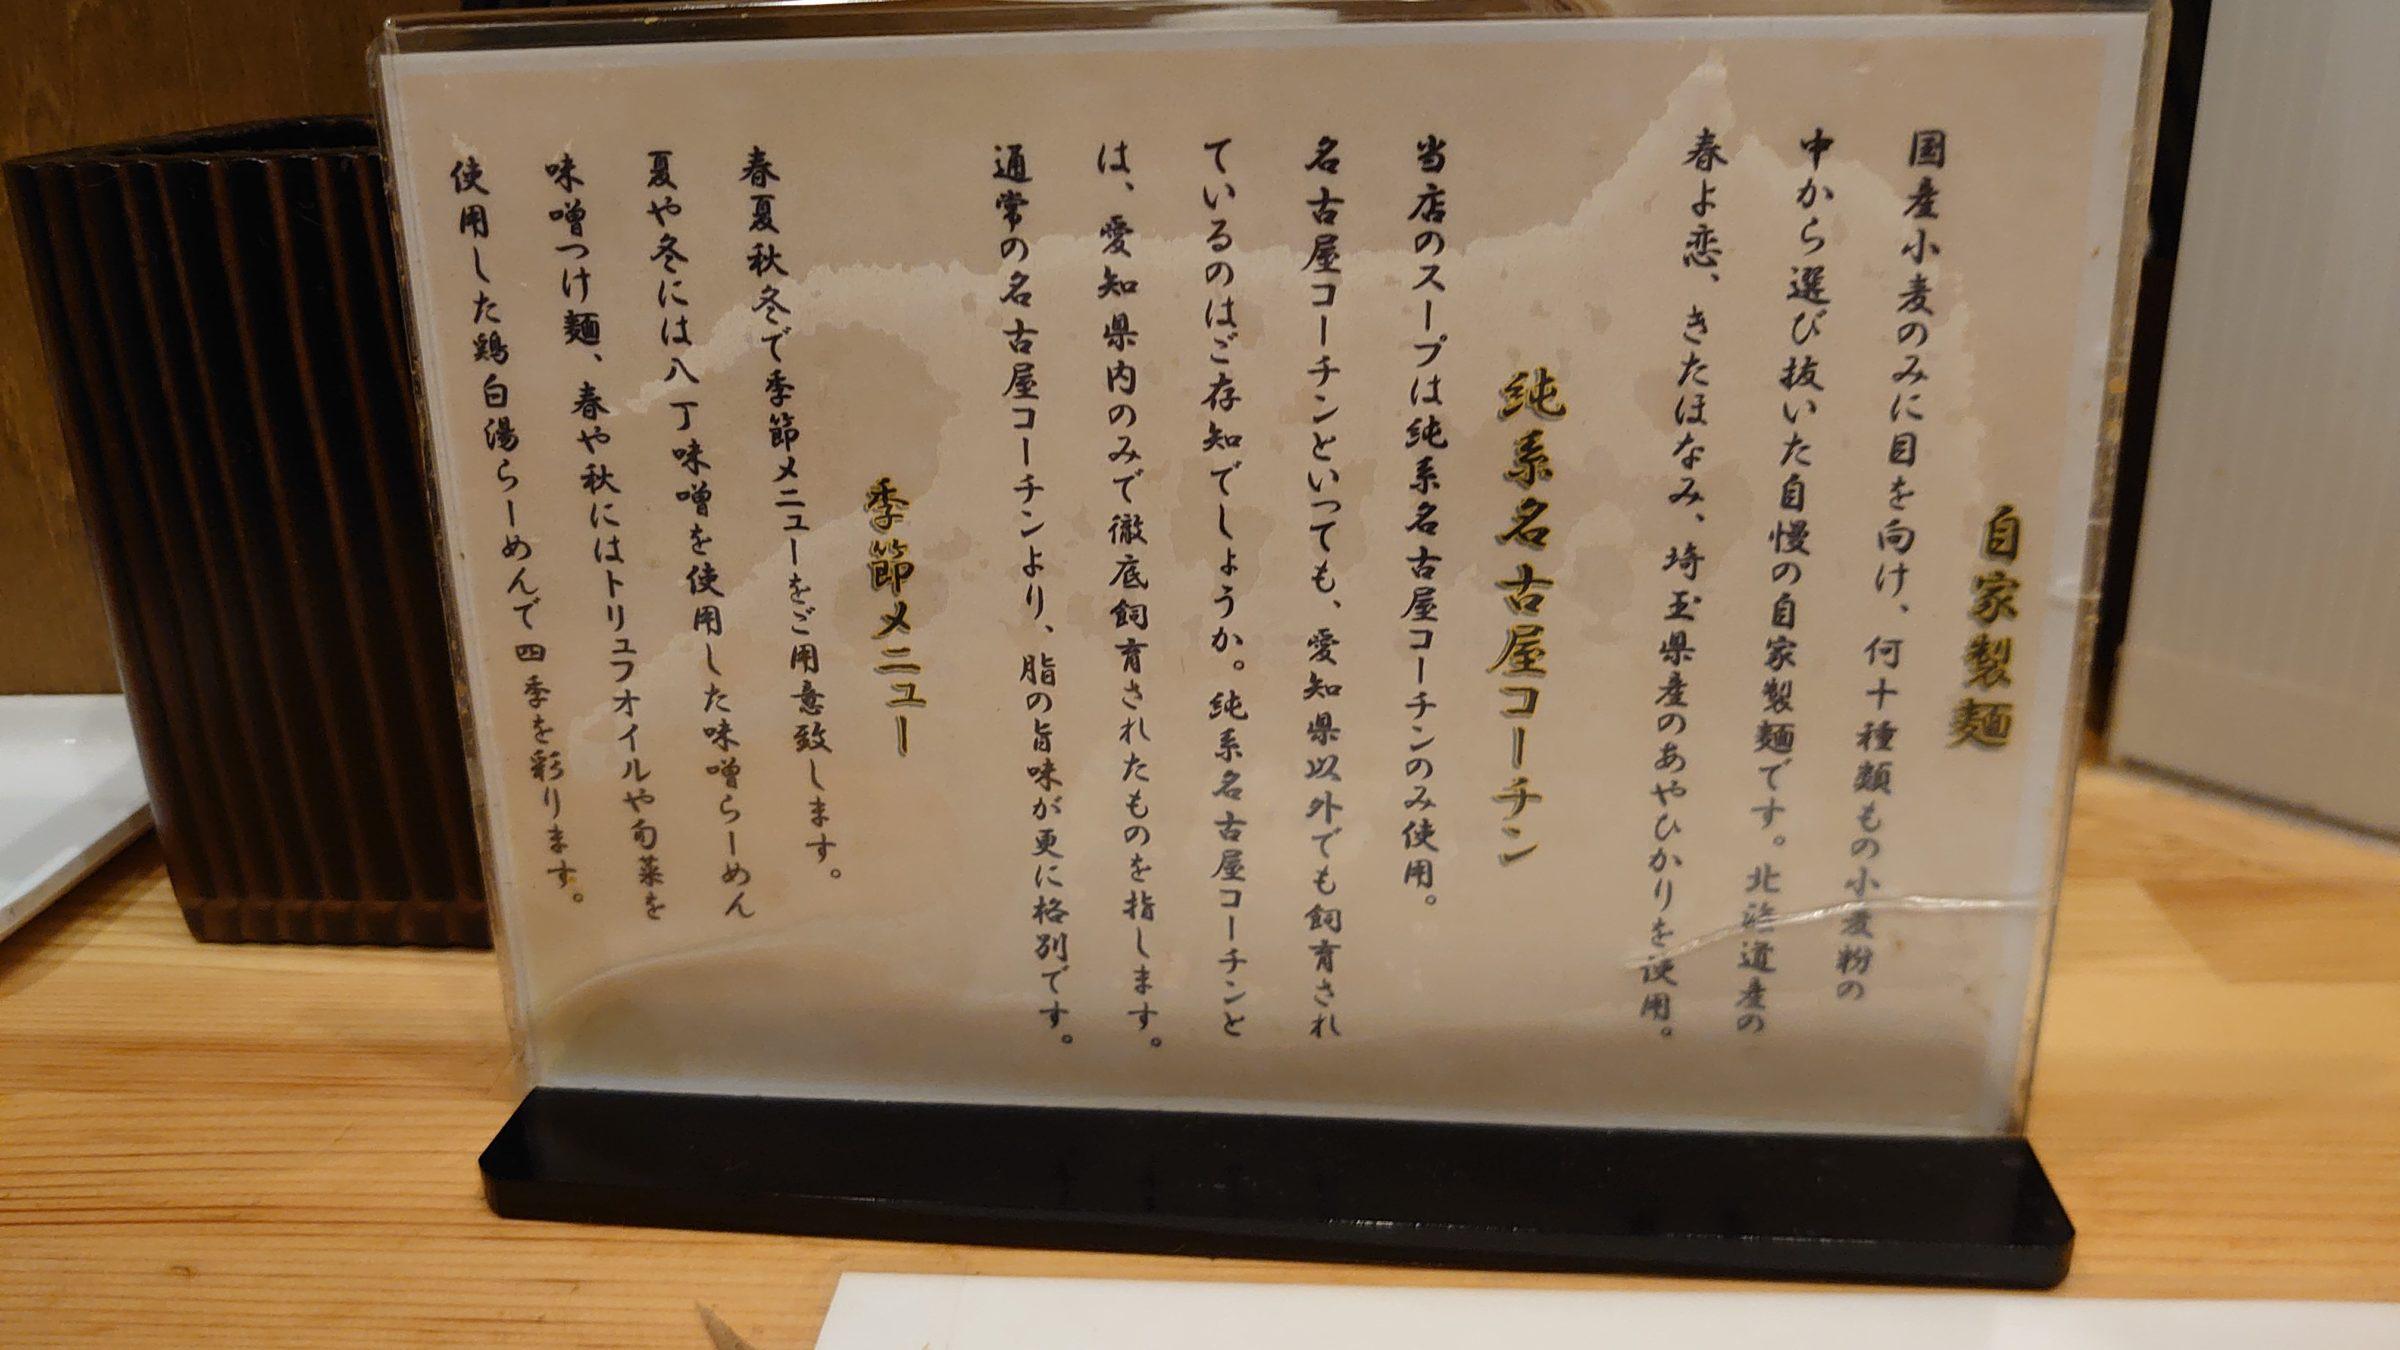 自家製麺 竜葵